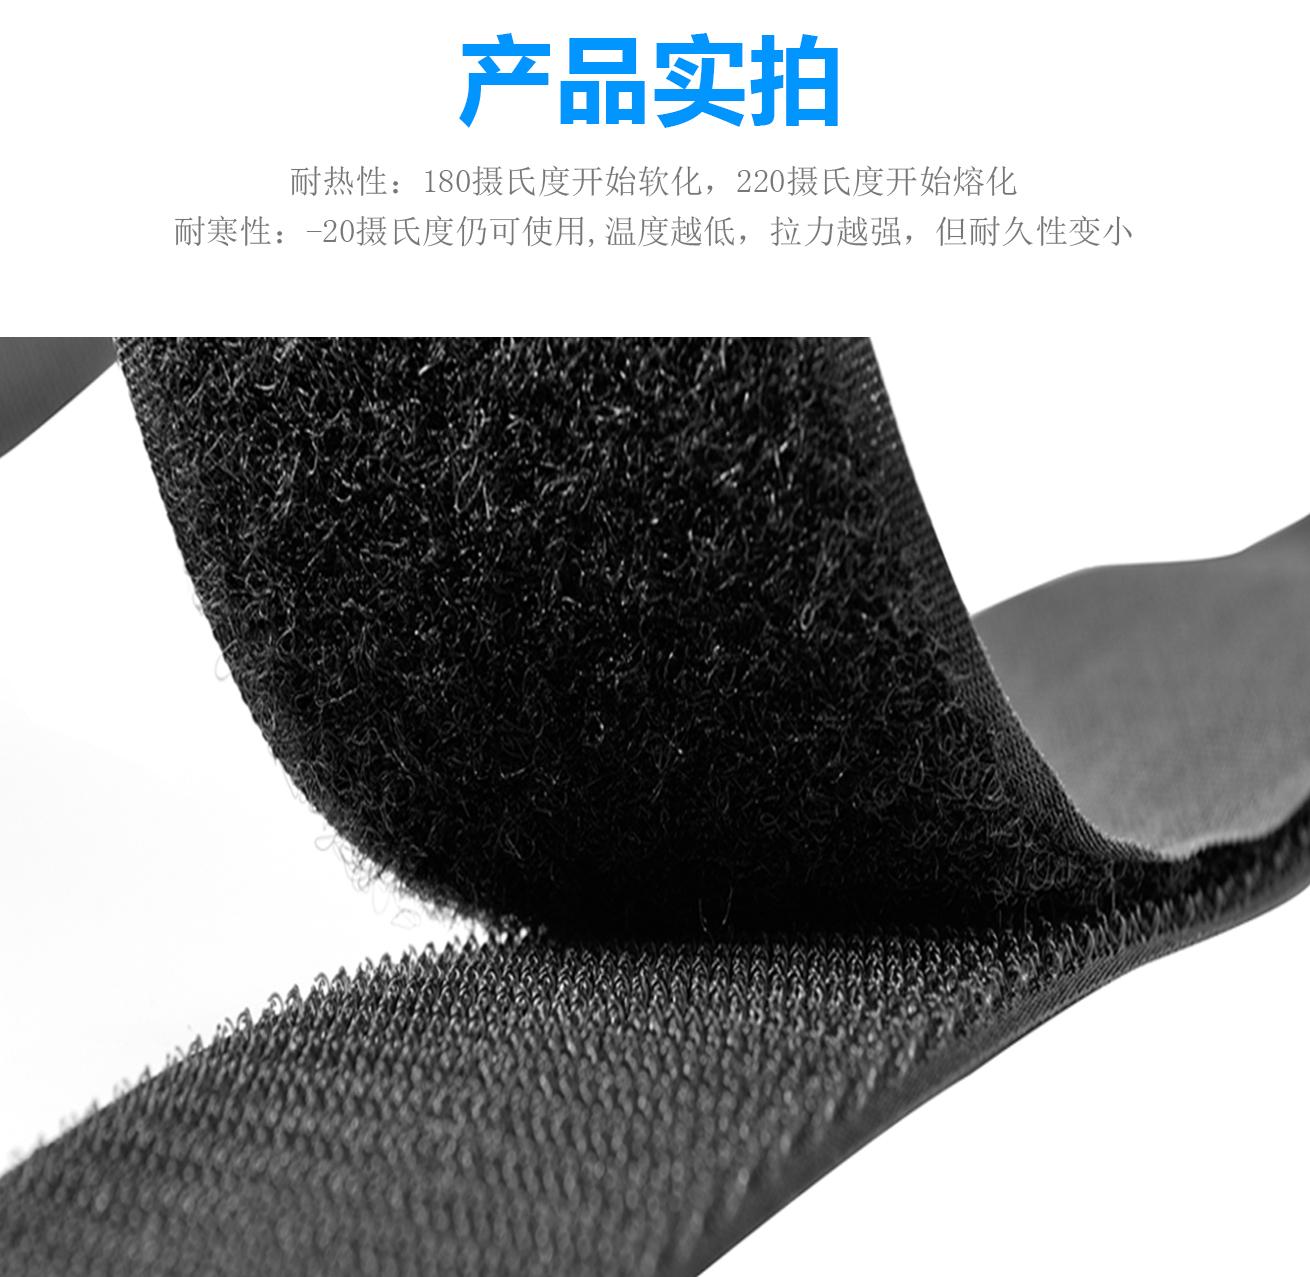 混纺沾扣带